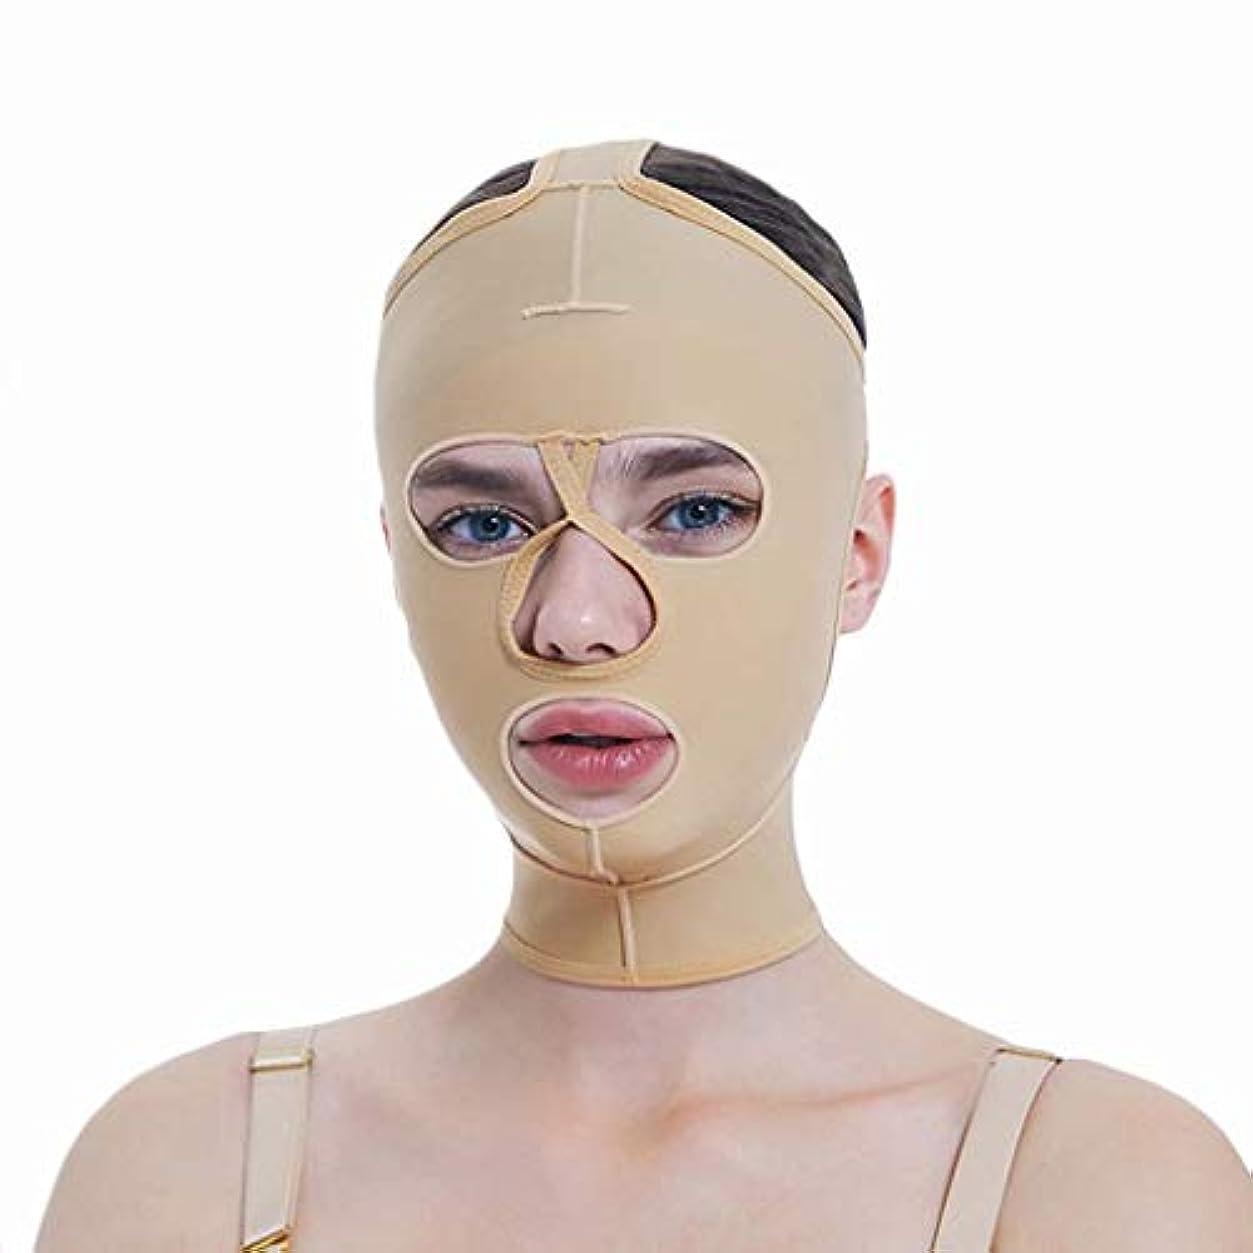 疑わしい咳豚フェイシャル減量マスク、フルカバレッジ包帯、フルフェイスリフティングマスク、フェイスマスク、快適で リフティングシェーピング(サイズ:S),S